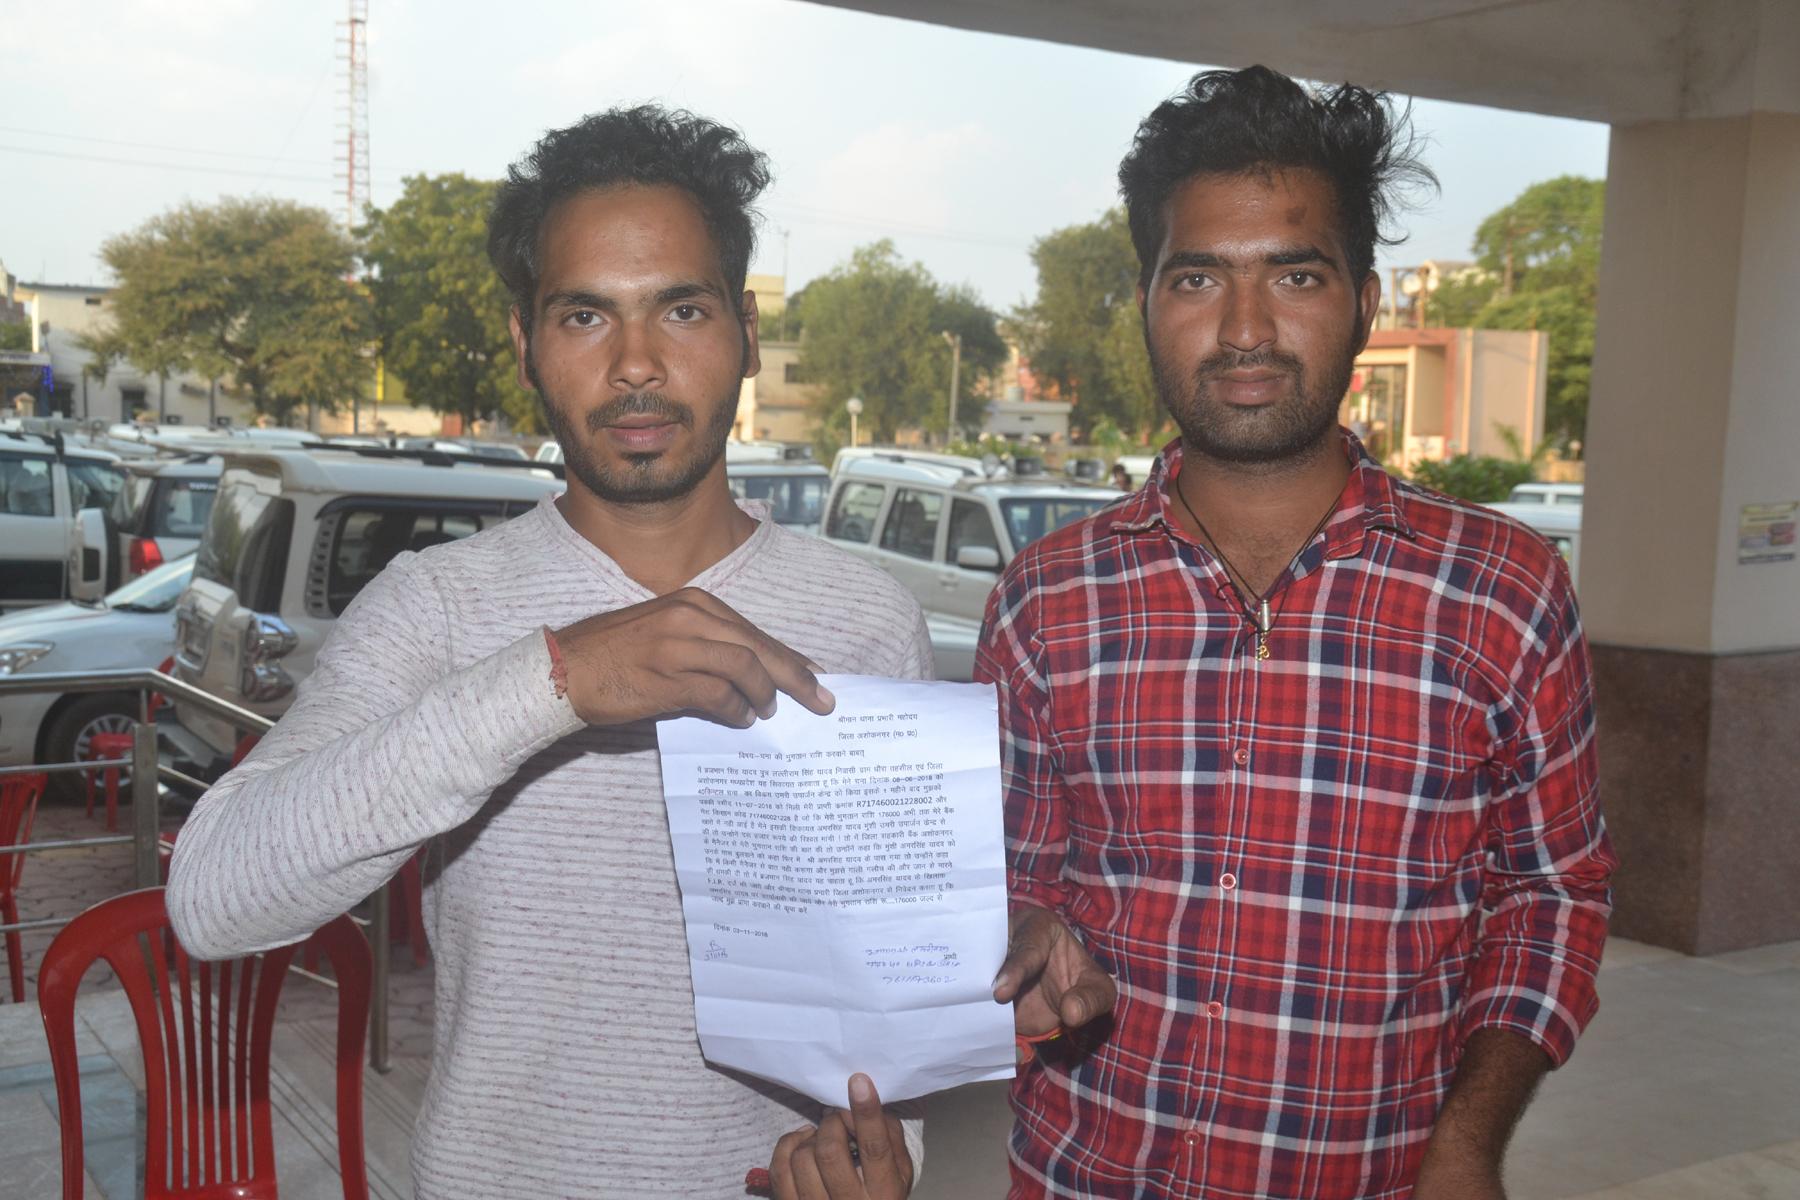 किसान ने थाने में की शिकायत, लगाया आरोप, समिति प्रबंधक   मांग रहा 10 हजार रुपए